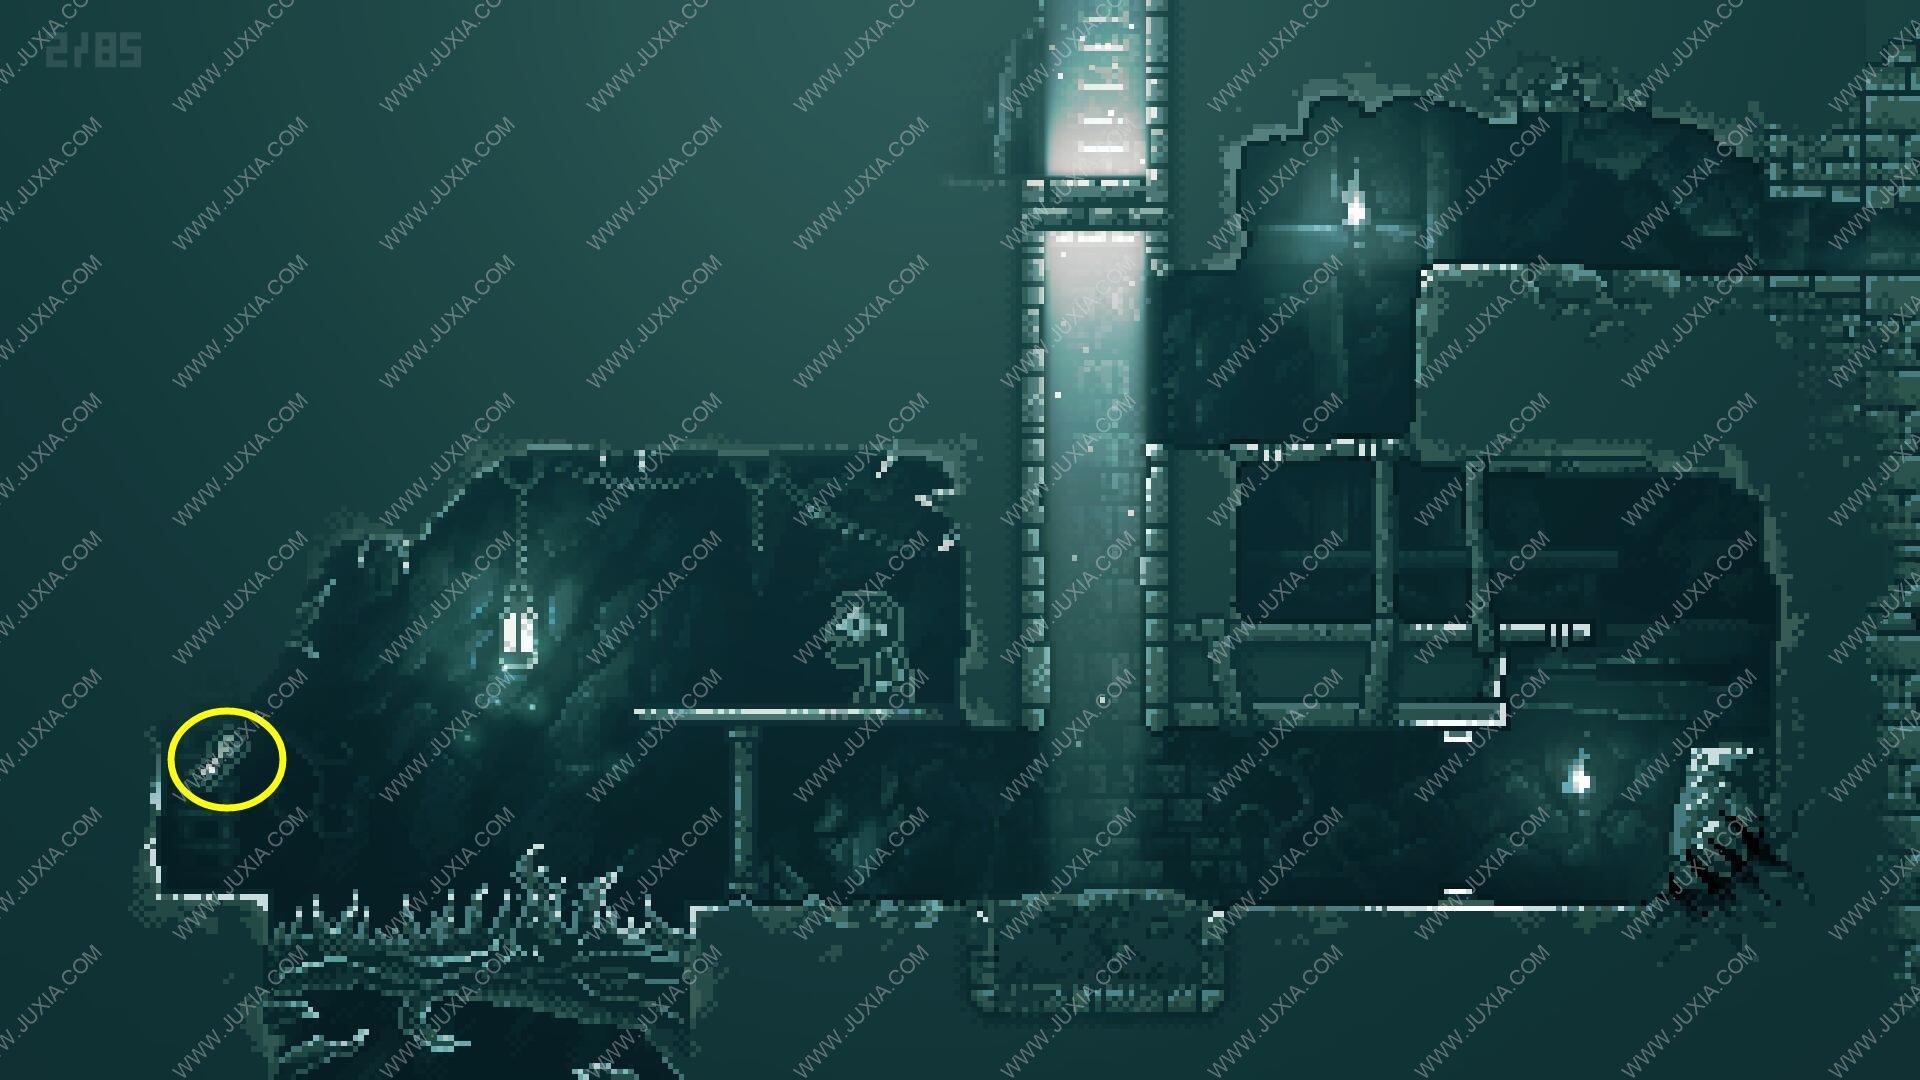 INMOST攻略第二章 极渊游戏攻略怎么勾引怪物